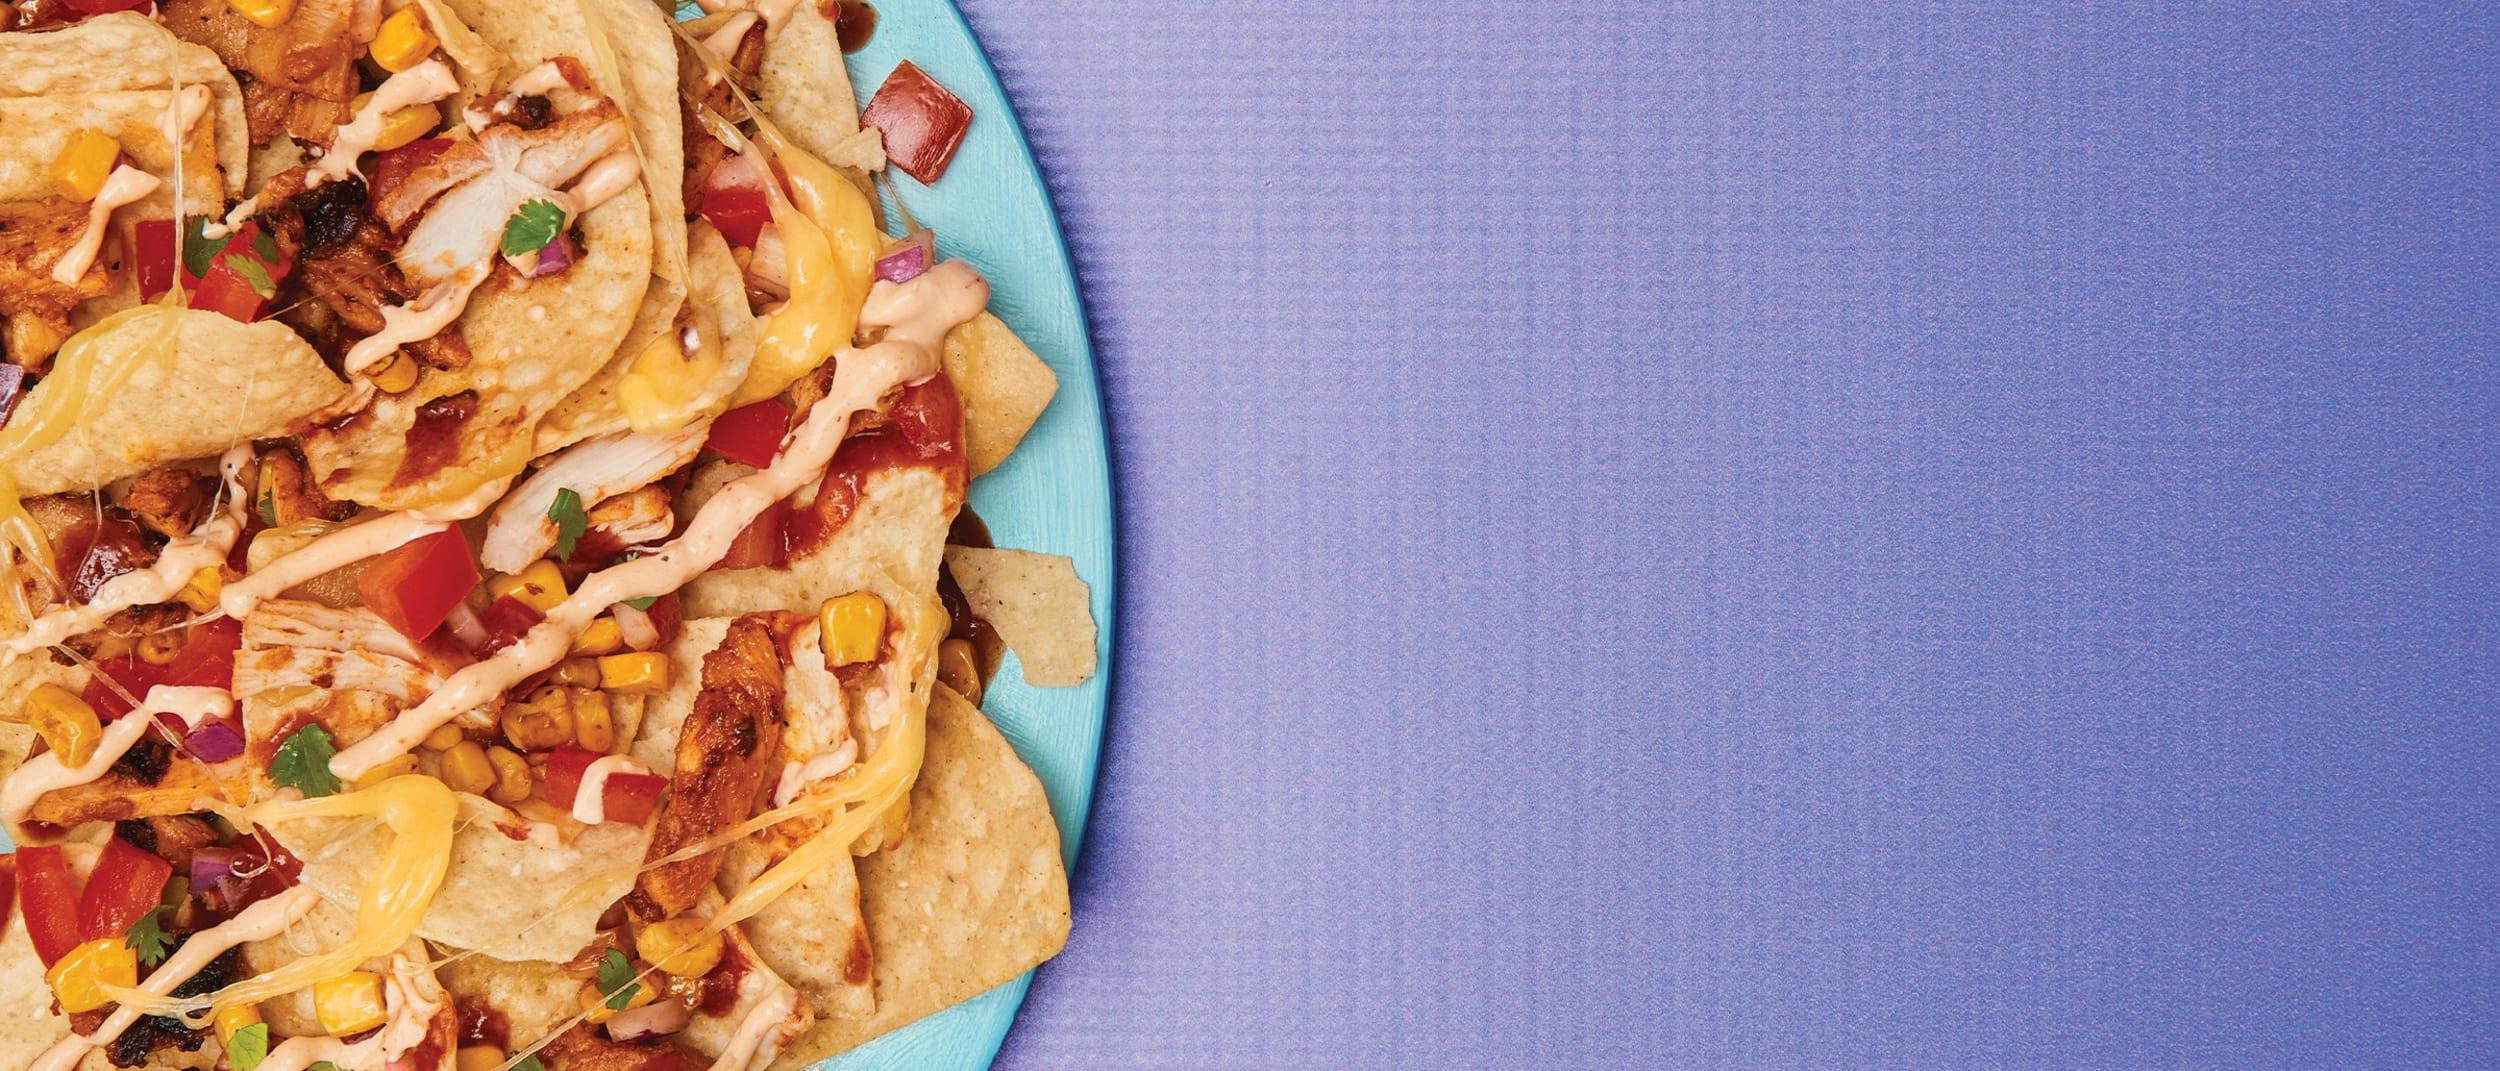 Salsa's Fresh Mex Grill: Chicken Nachos